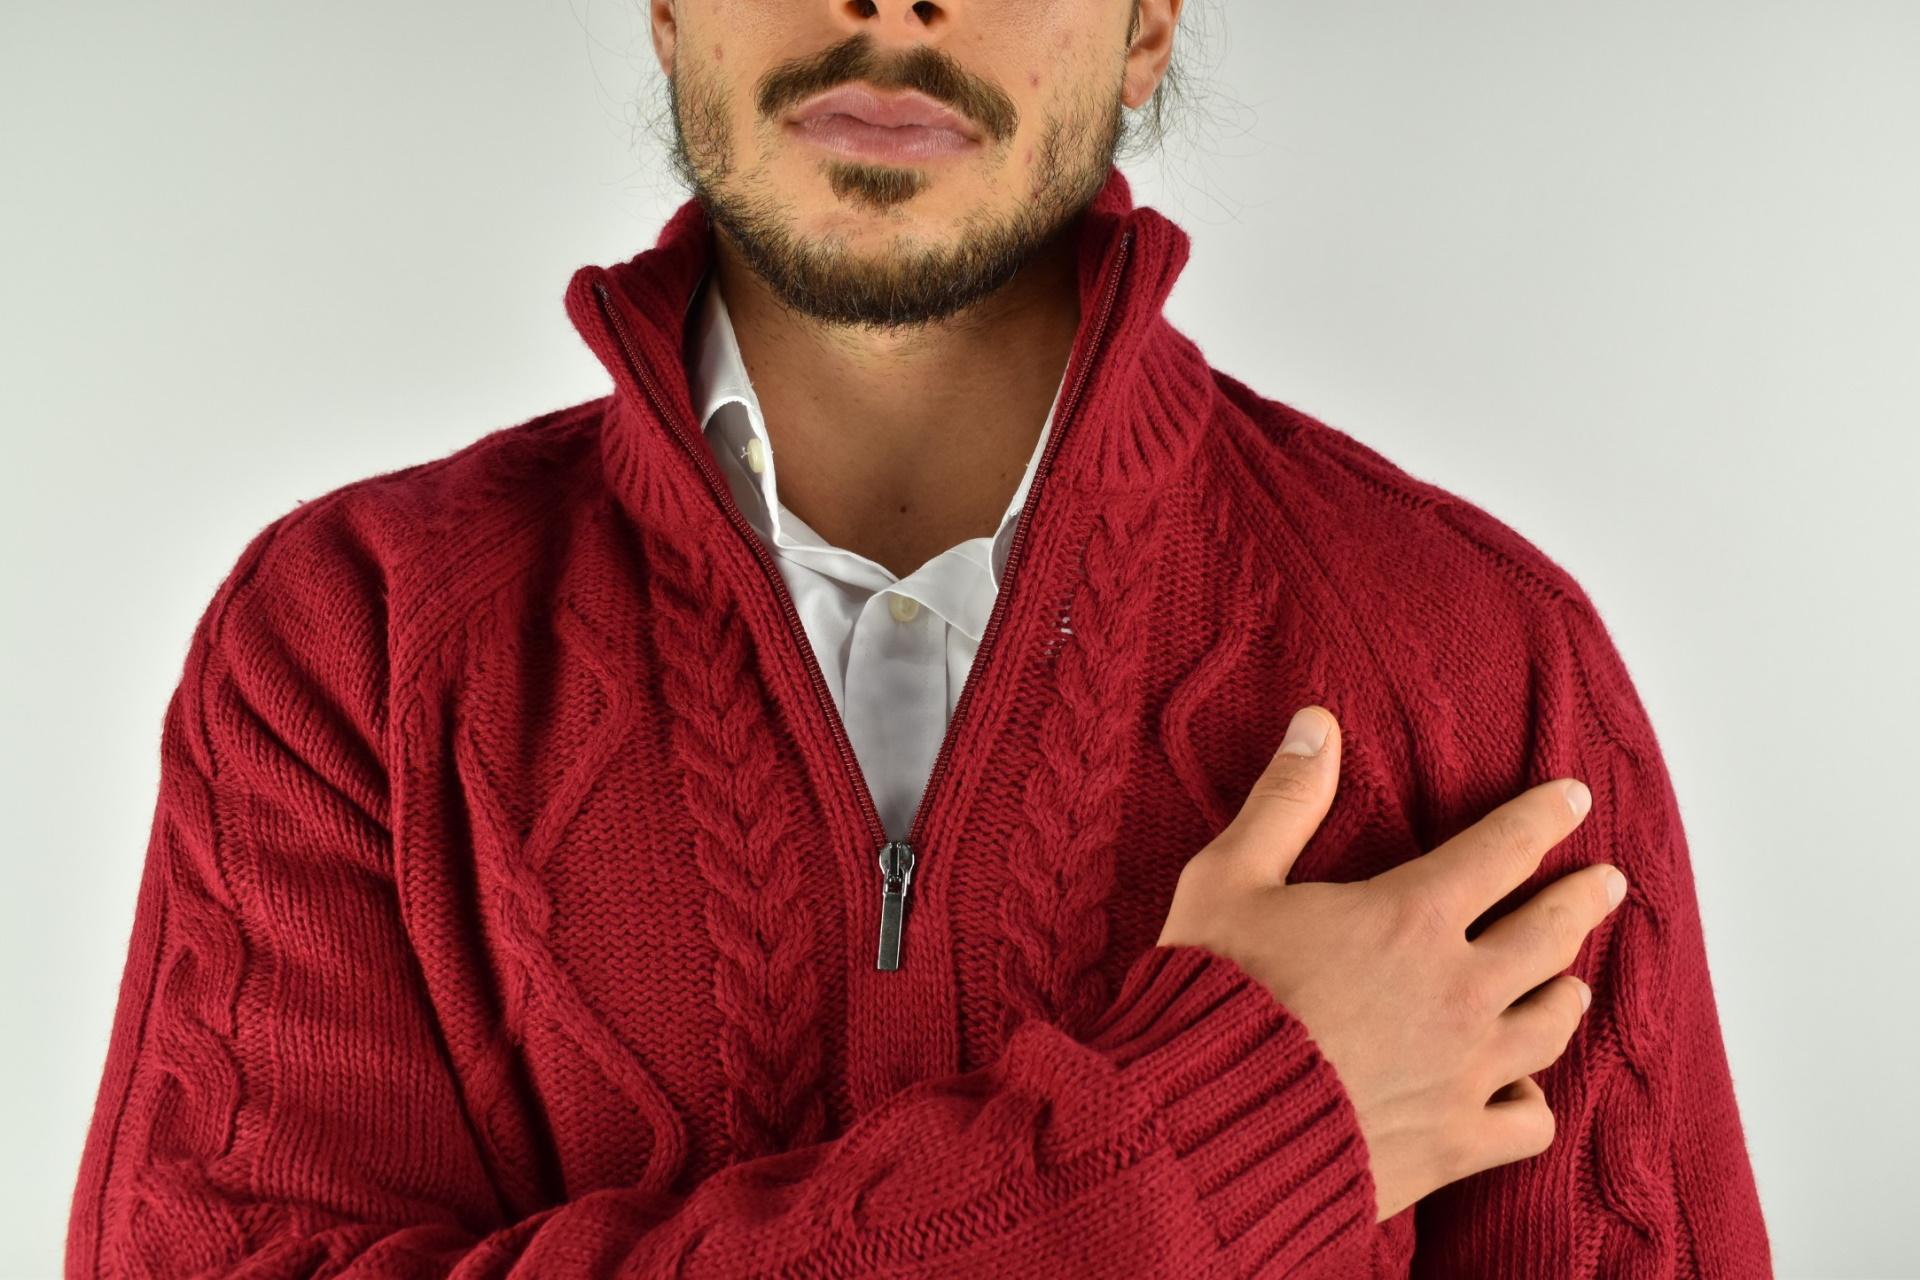 LUPINEMA ROSSO MAGLIA UOMO MEZZA ZIP MANICA LUNGA LAVORAZIONE TRECCE 3 1stAmerican maglione invernale da uomo mezza zip manica lunga lavorazione trecce